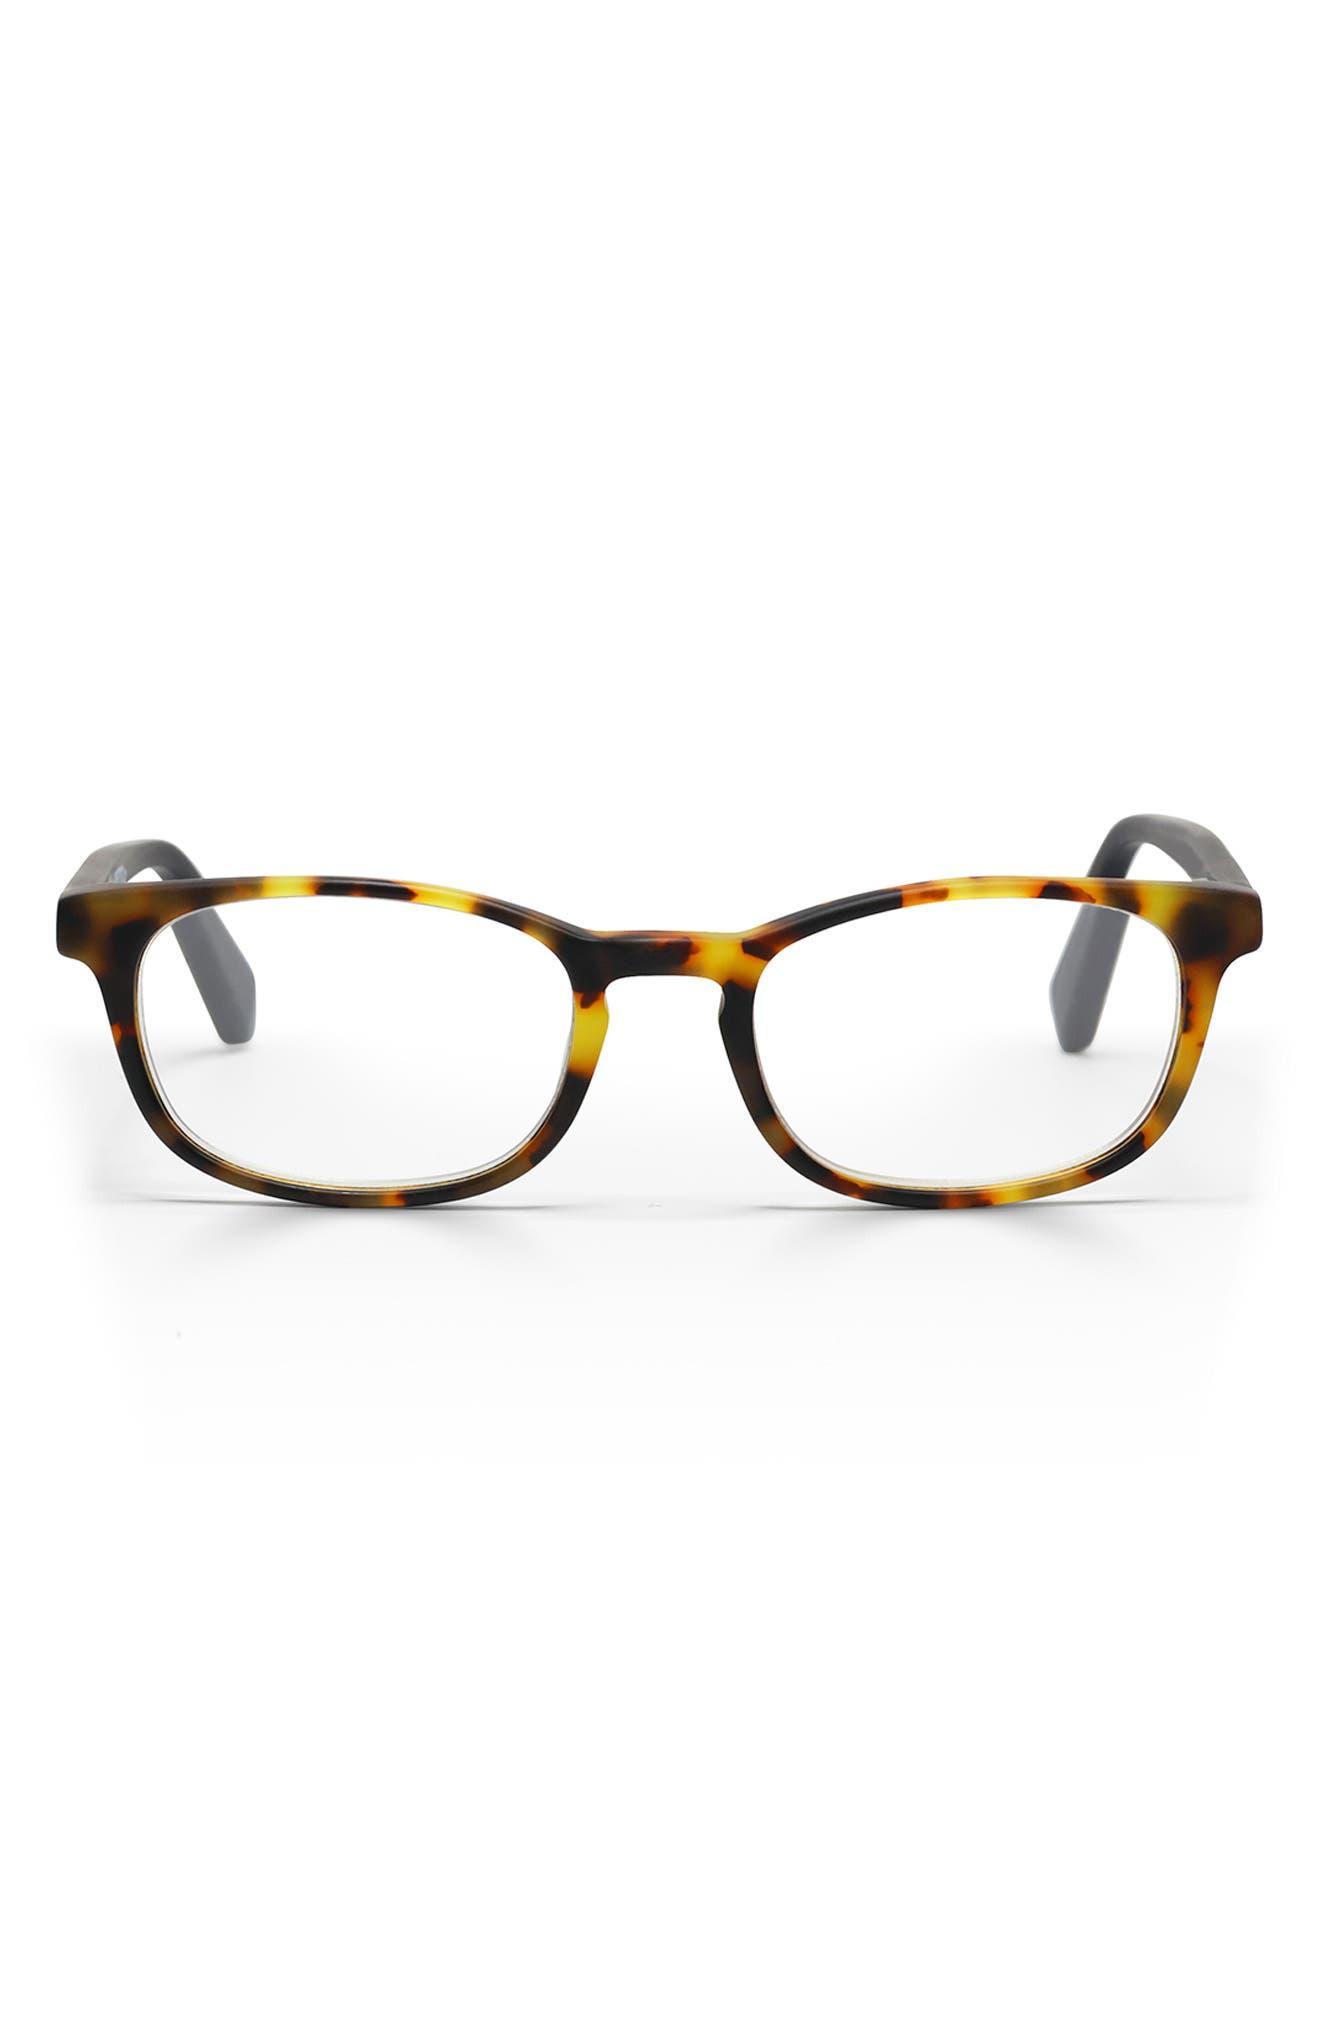 On Board 44mm Rectangular Reading Glasses